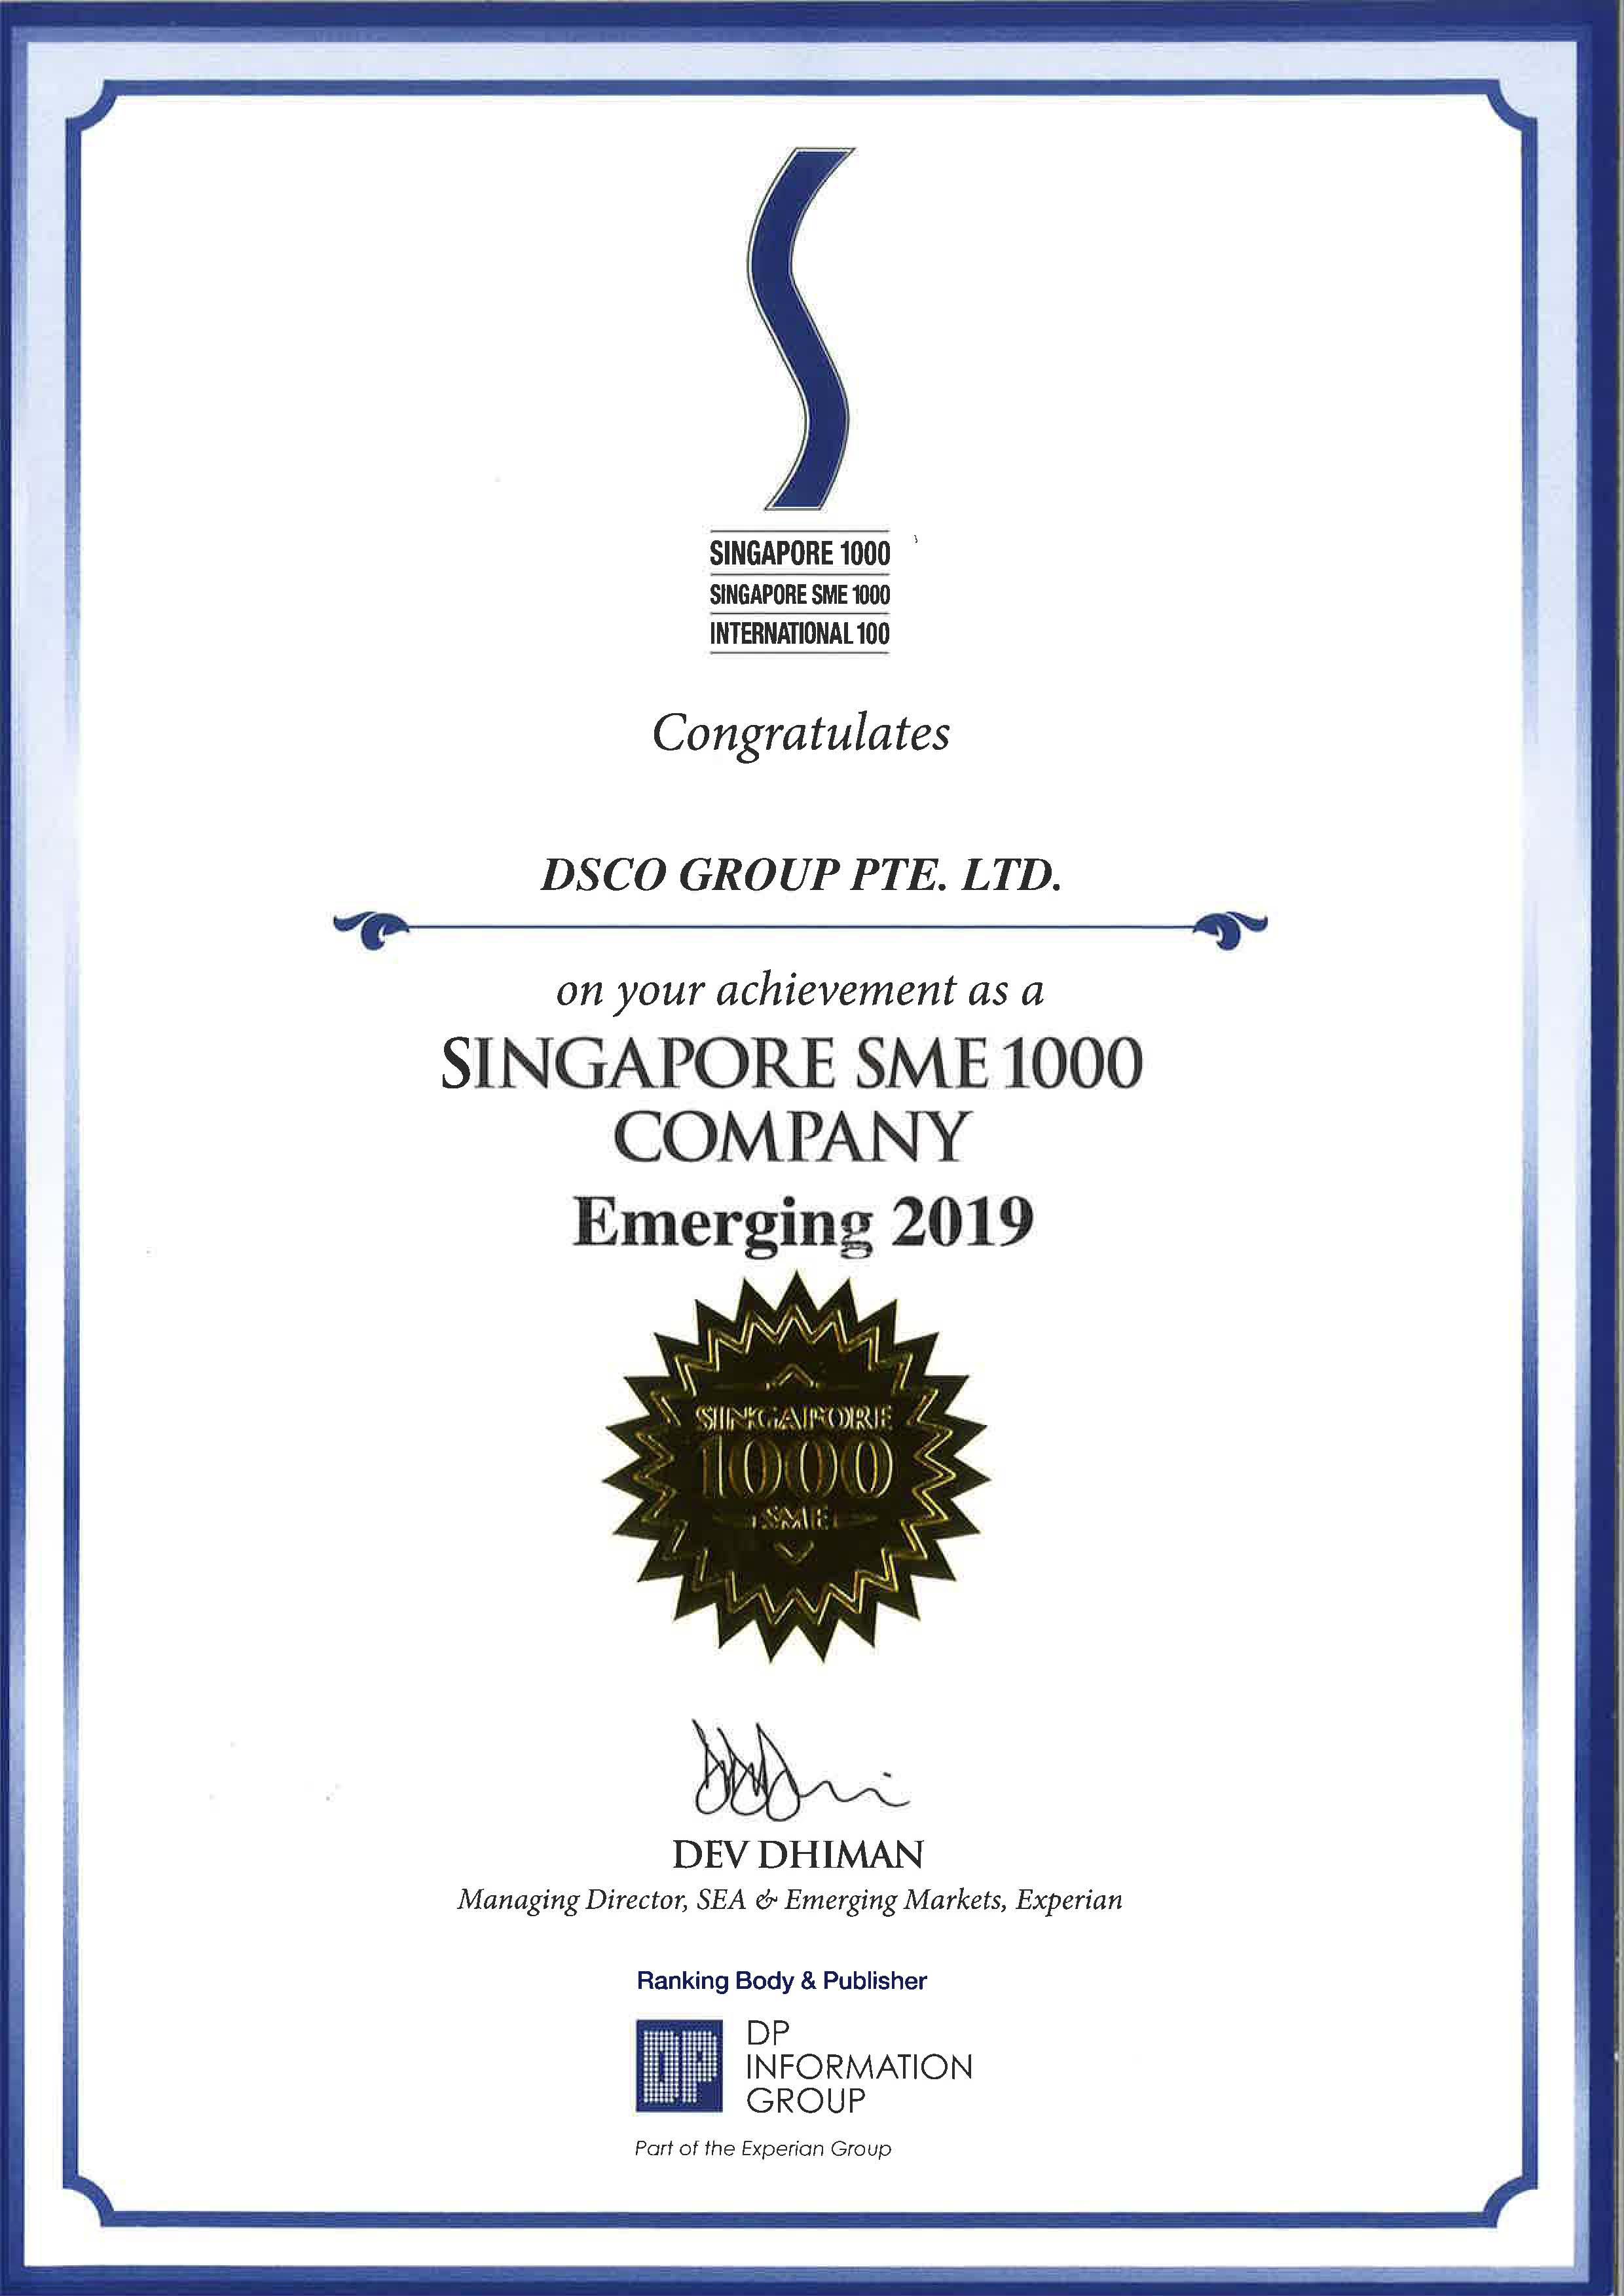 Singapore SME 1000 Company - Emerging 2019